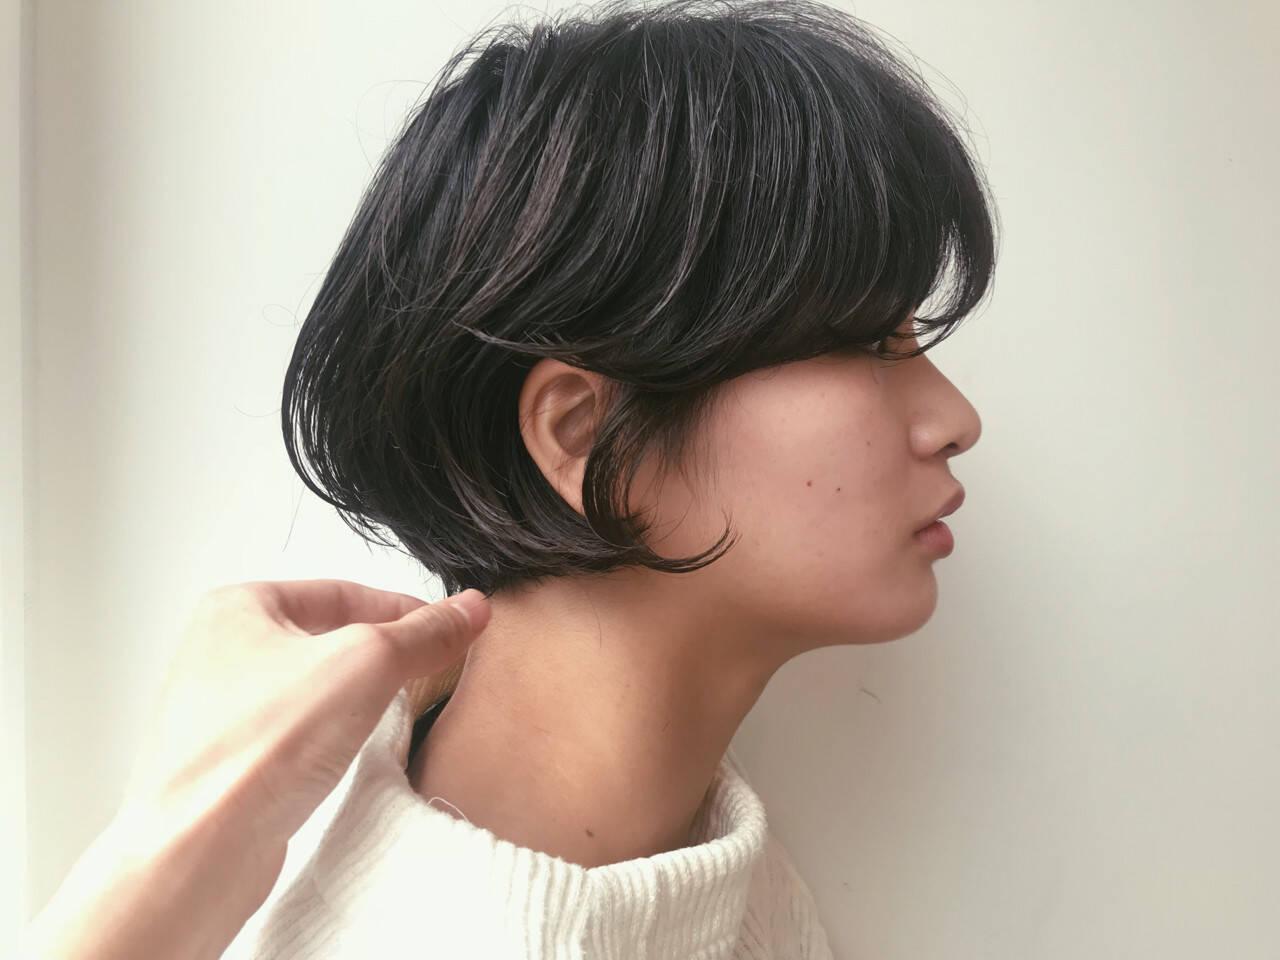 黒髪 ショートボブ ボブ ショートヘアスタイルや髪型の写真・画像